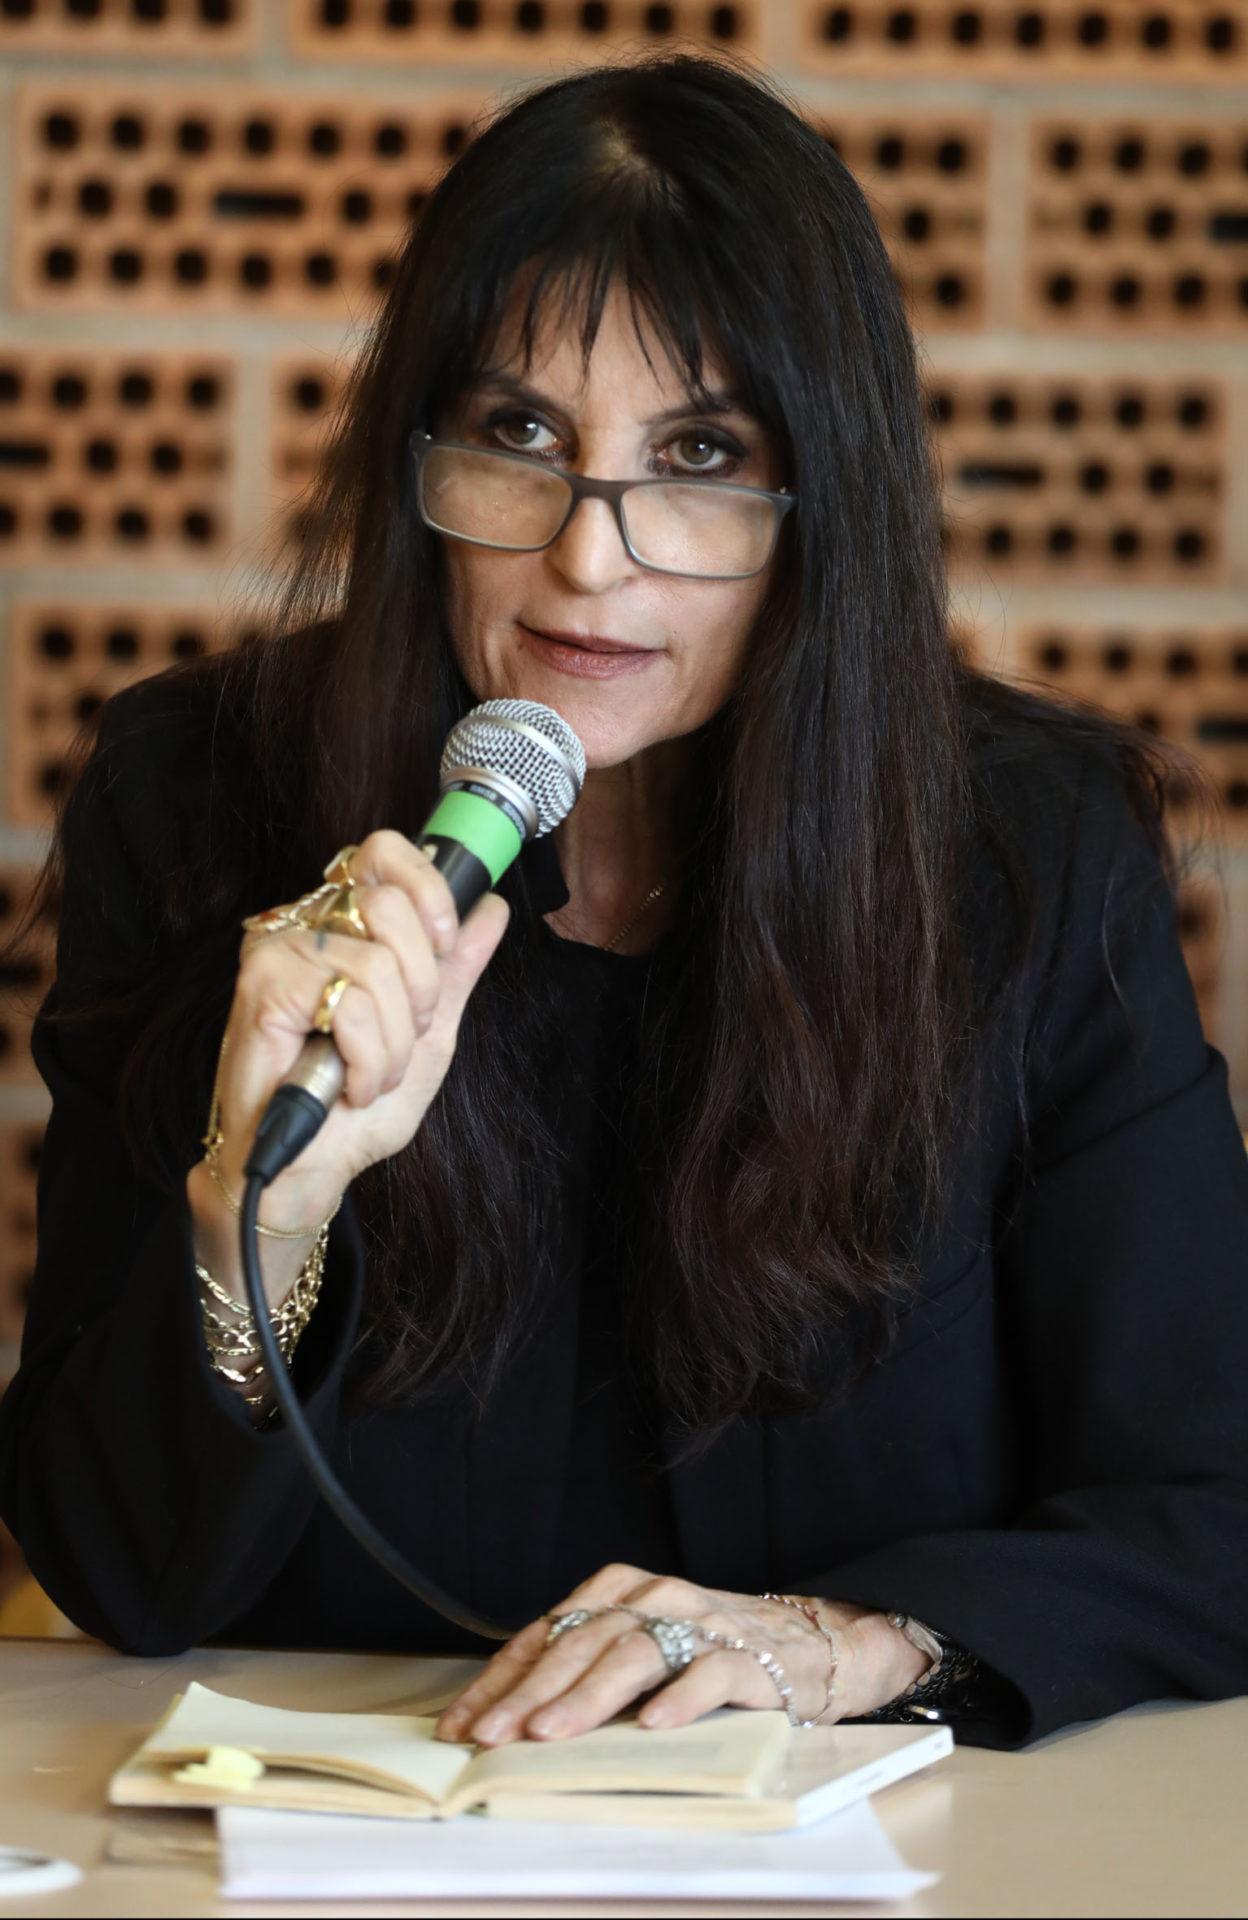 Silvia Bre a Poesia Festival '17 - photo © S.Campanini